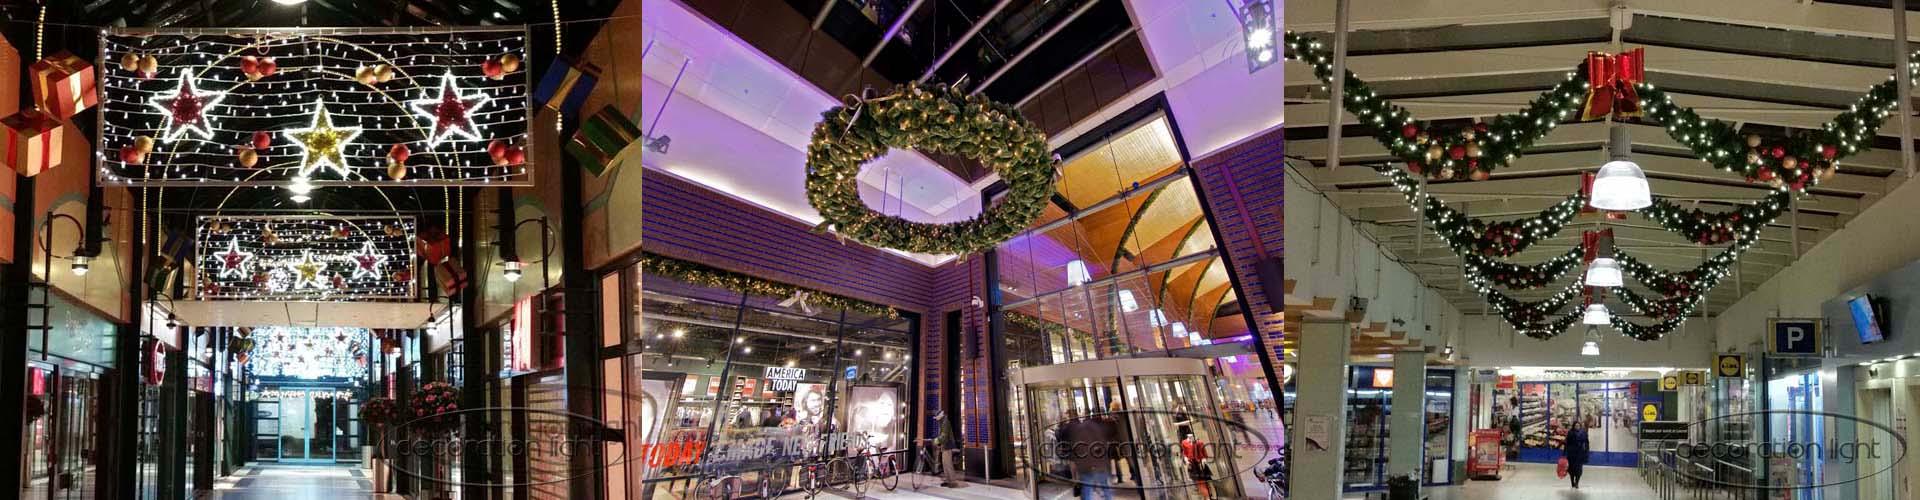 Kerstdecoratie Winkelcentra Banner 02.jpg